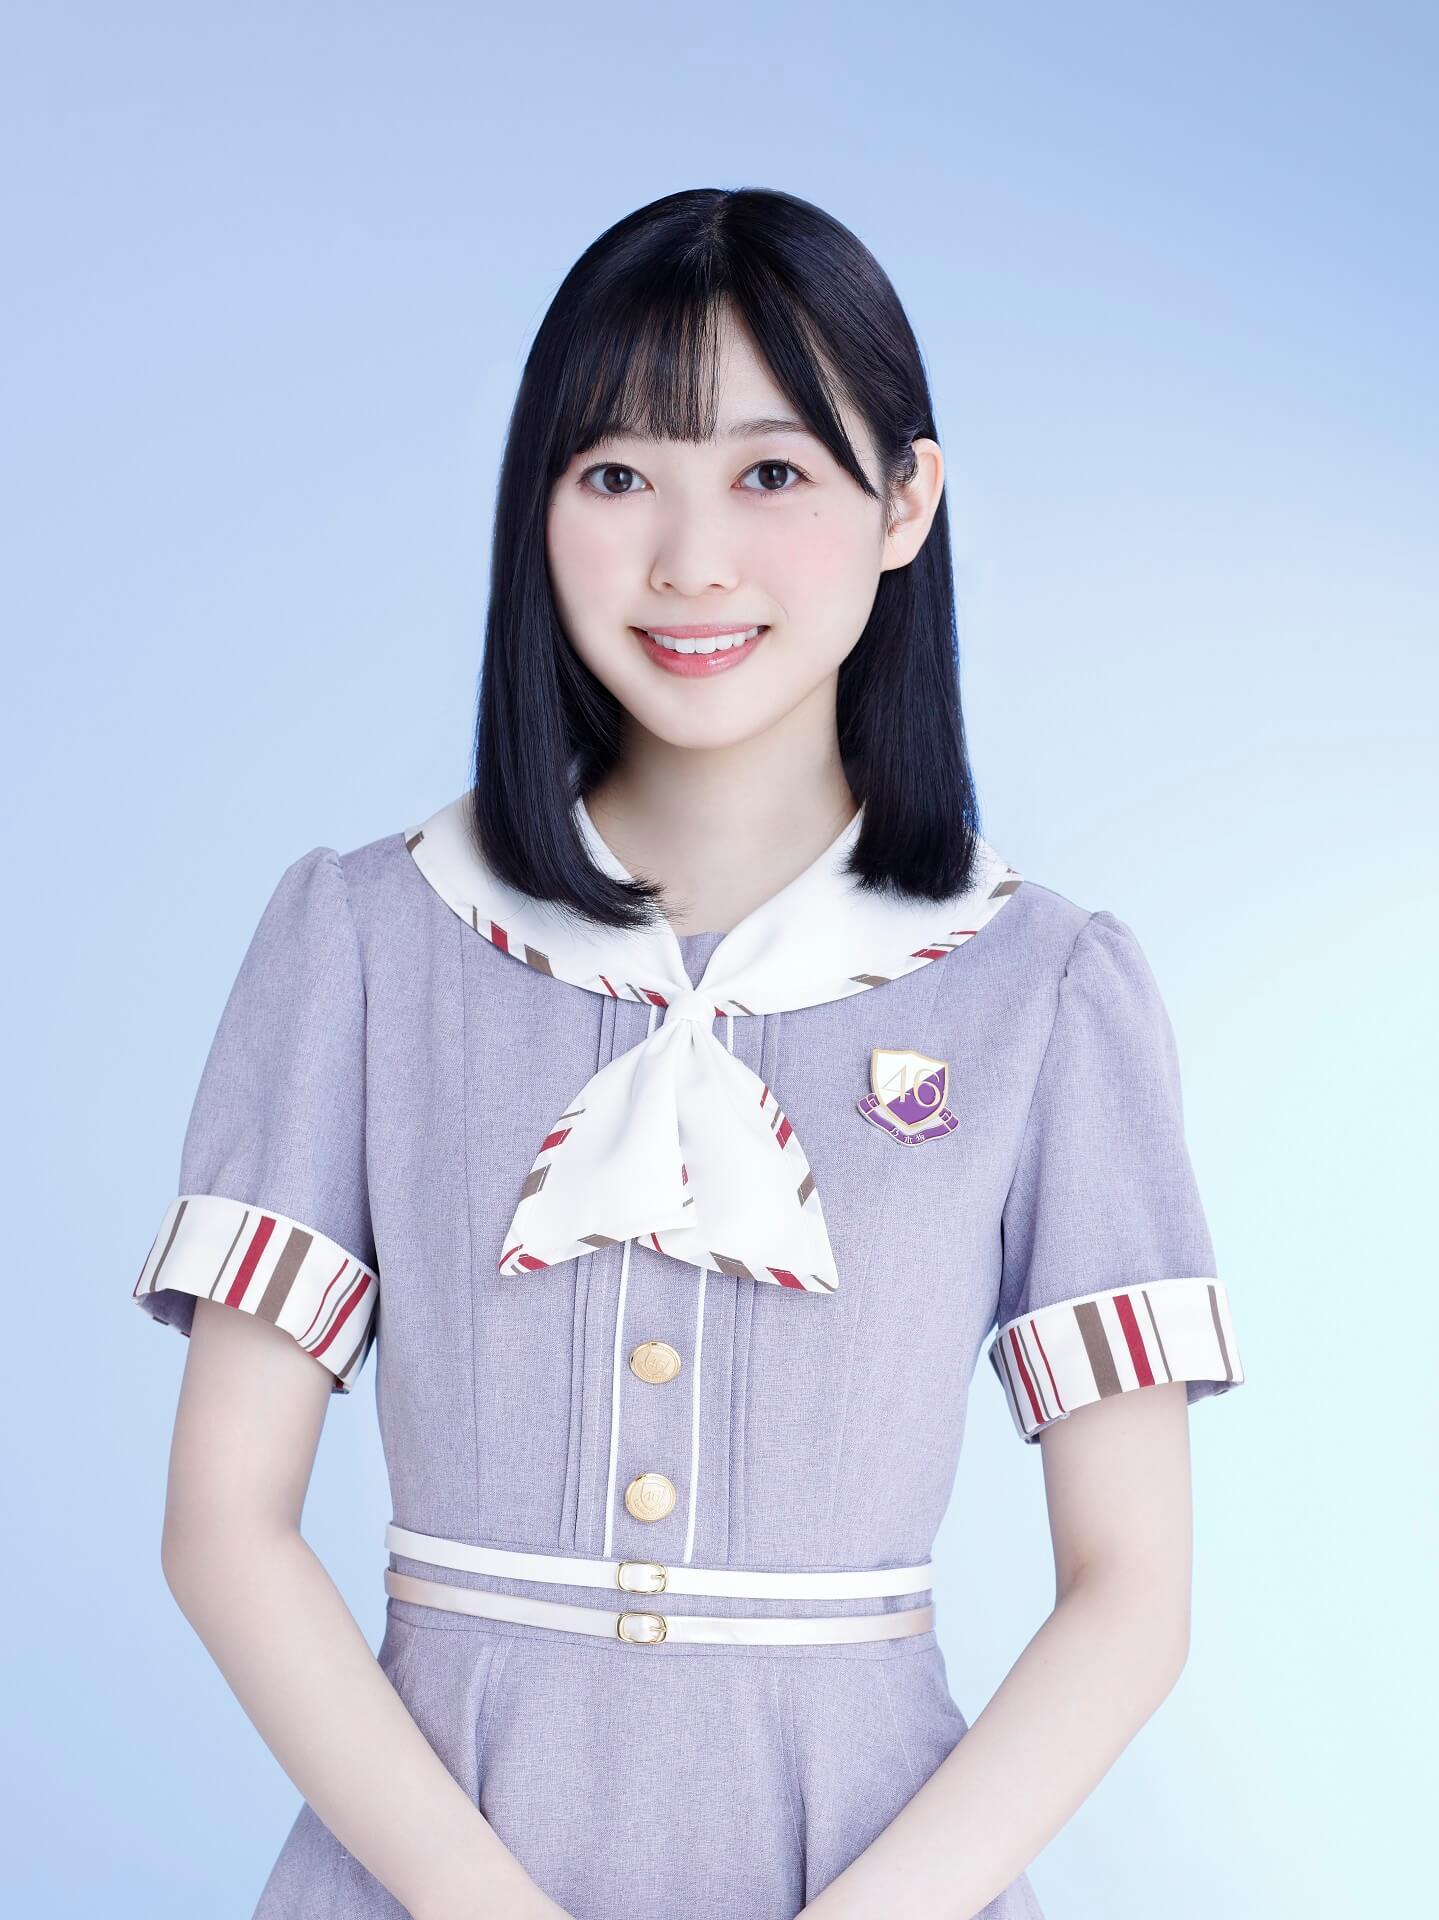 9月26日(日)よる6時から 4期生・北川悠理が登場!